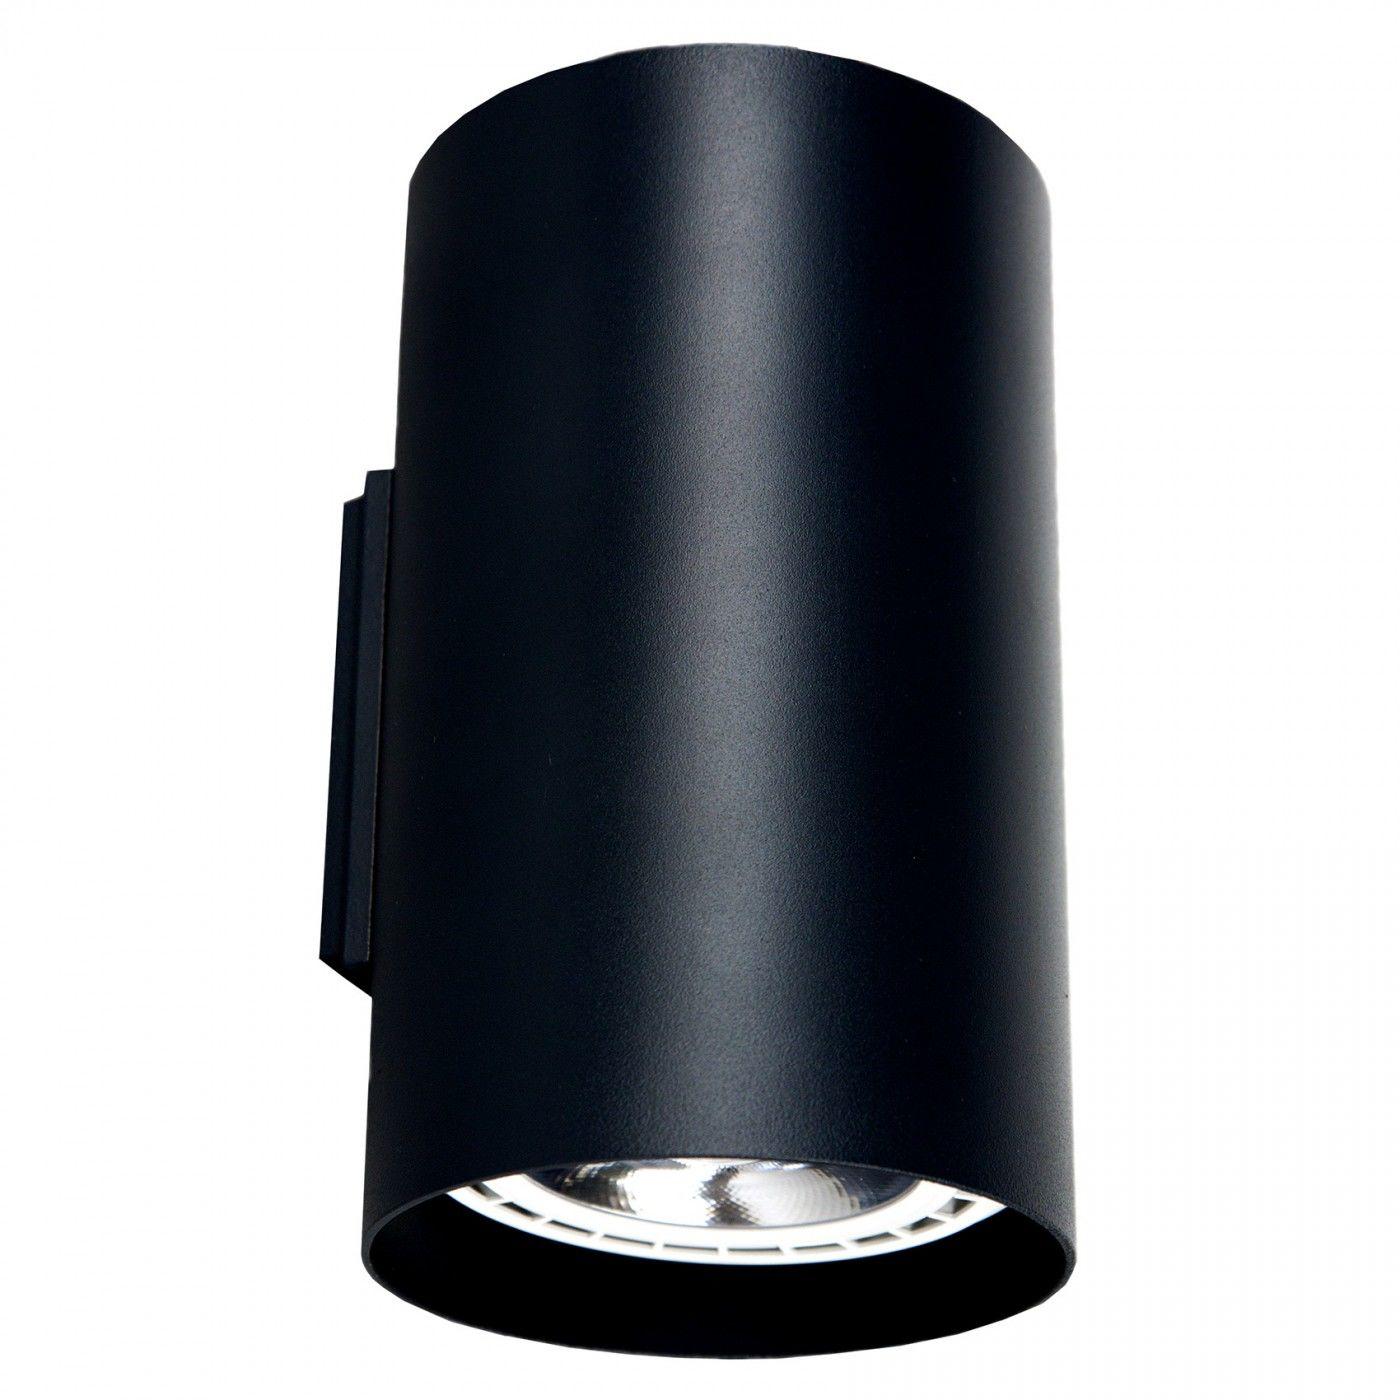 Kinkiet Tube 9320 Nowodvorski Lighting pionowa czarna oprawa ścienna